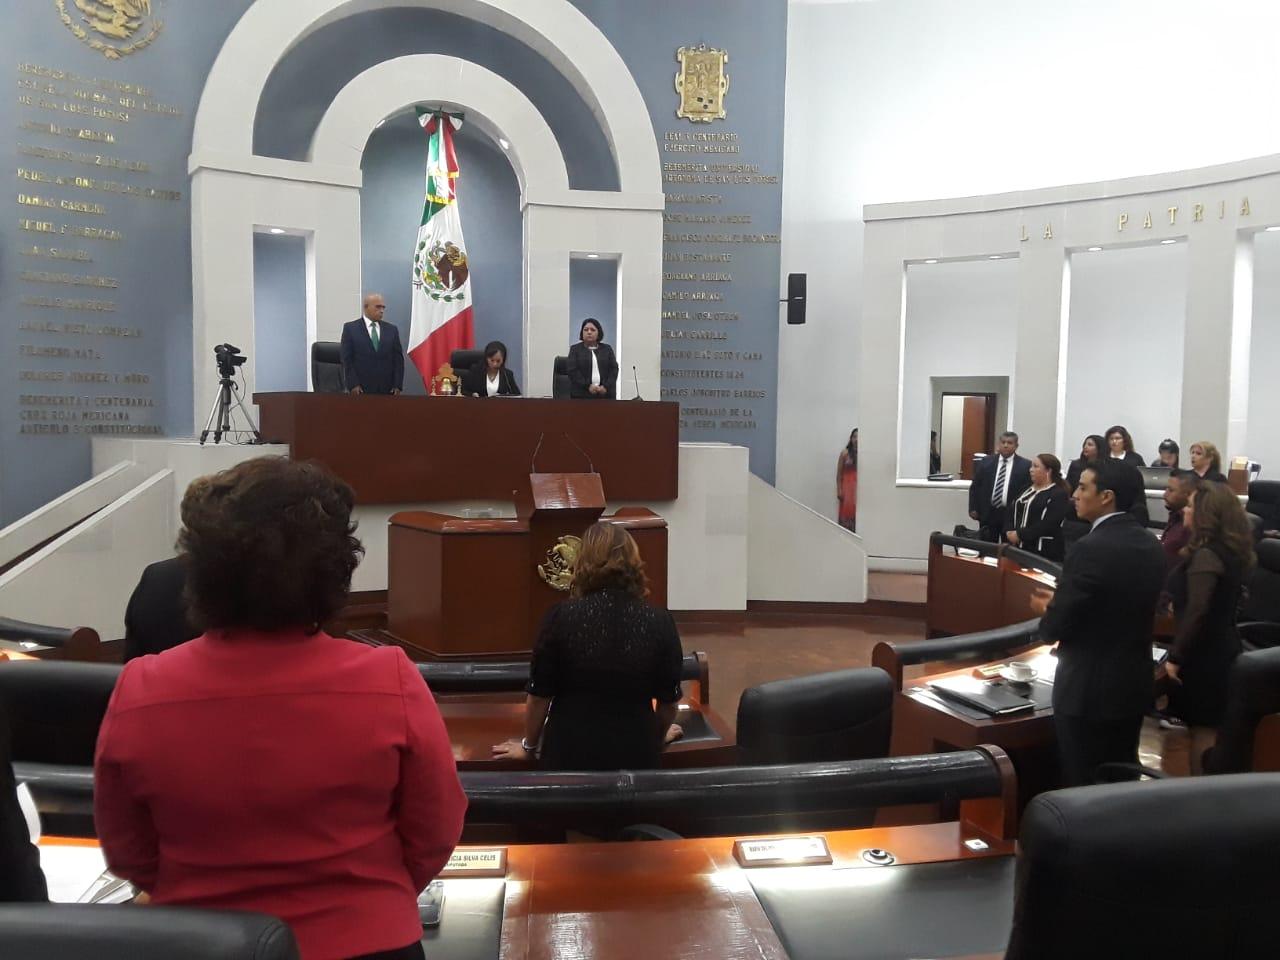 Aprueba Congreso conformar comisión jurisdiccional para definir juicio político contra exdiputadas